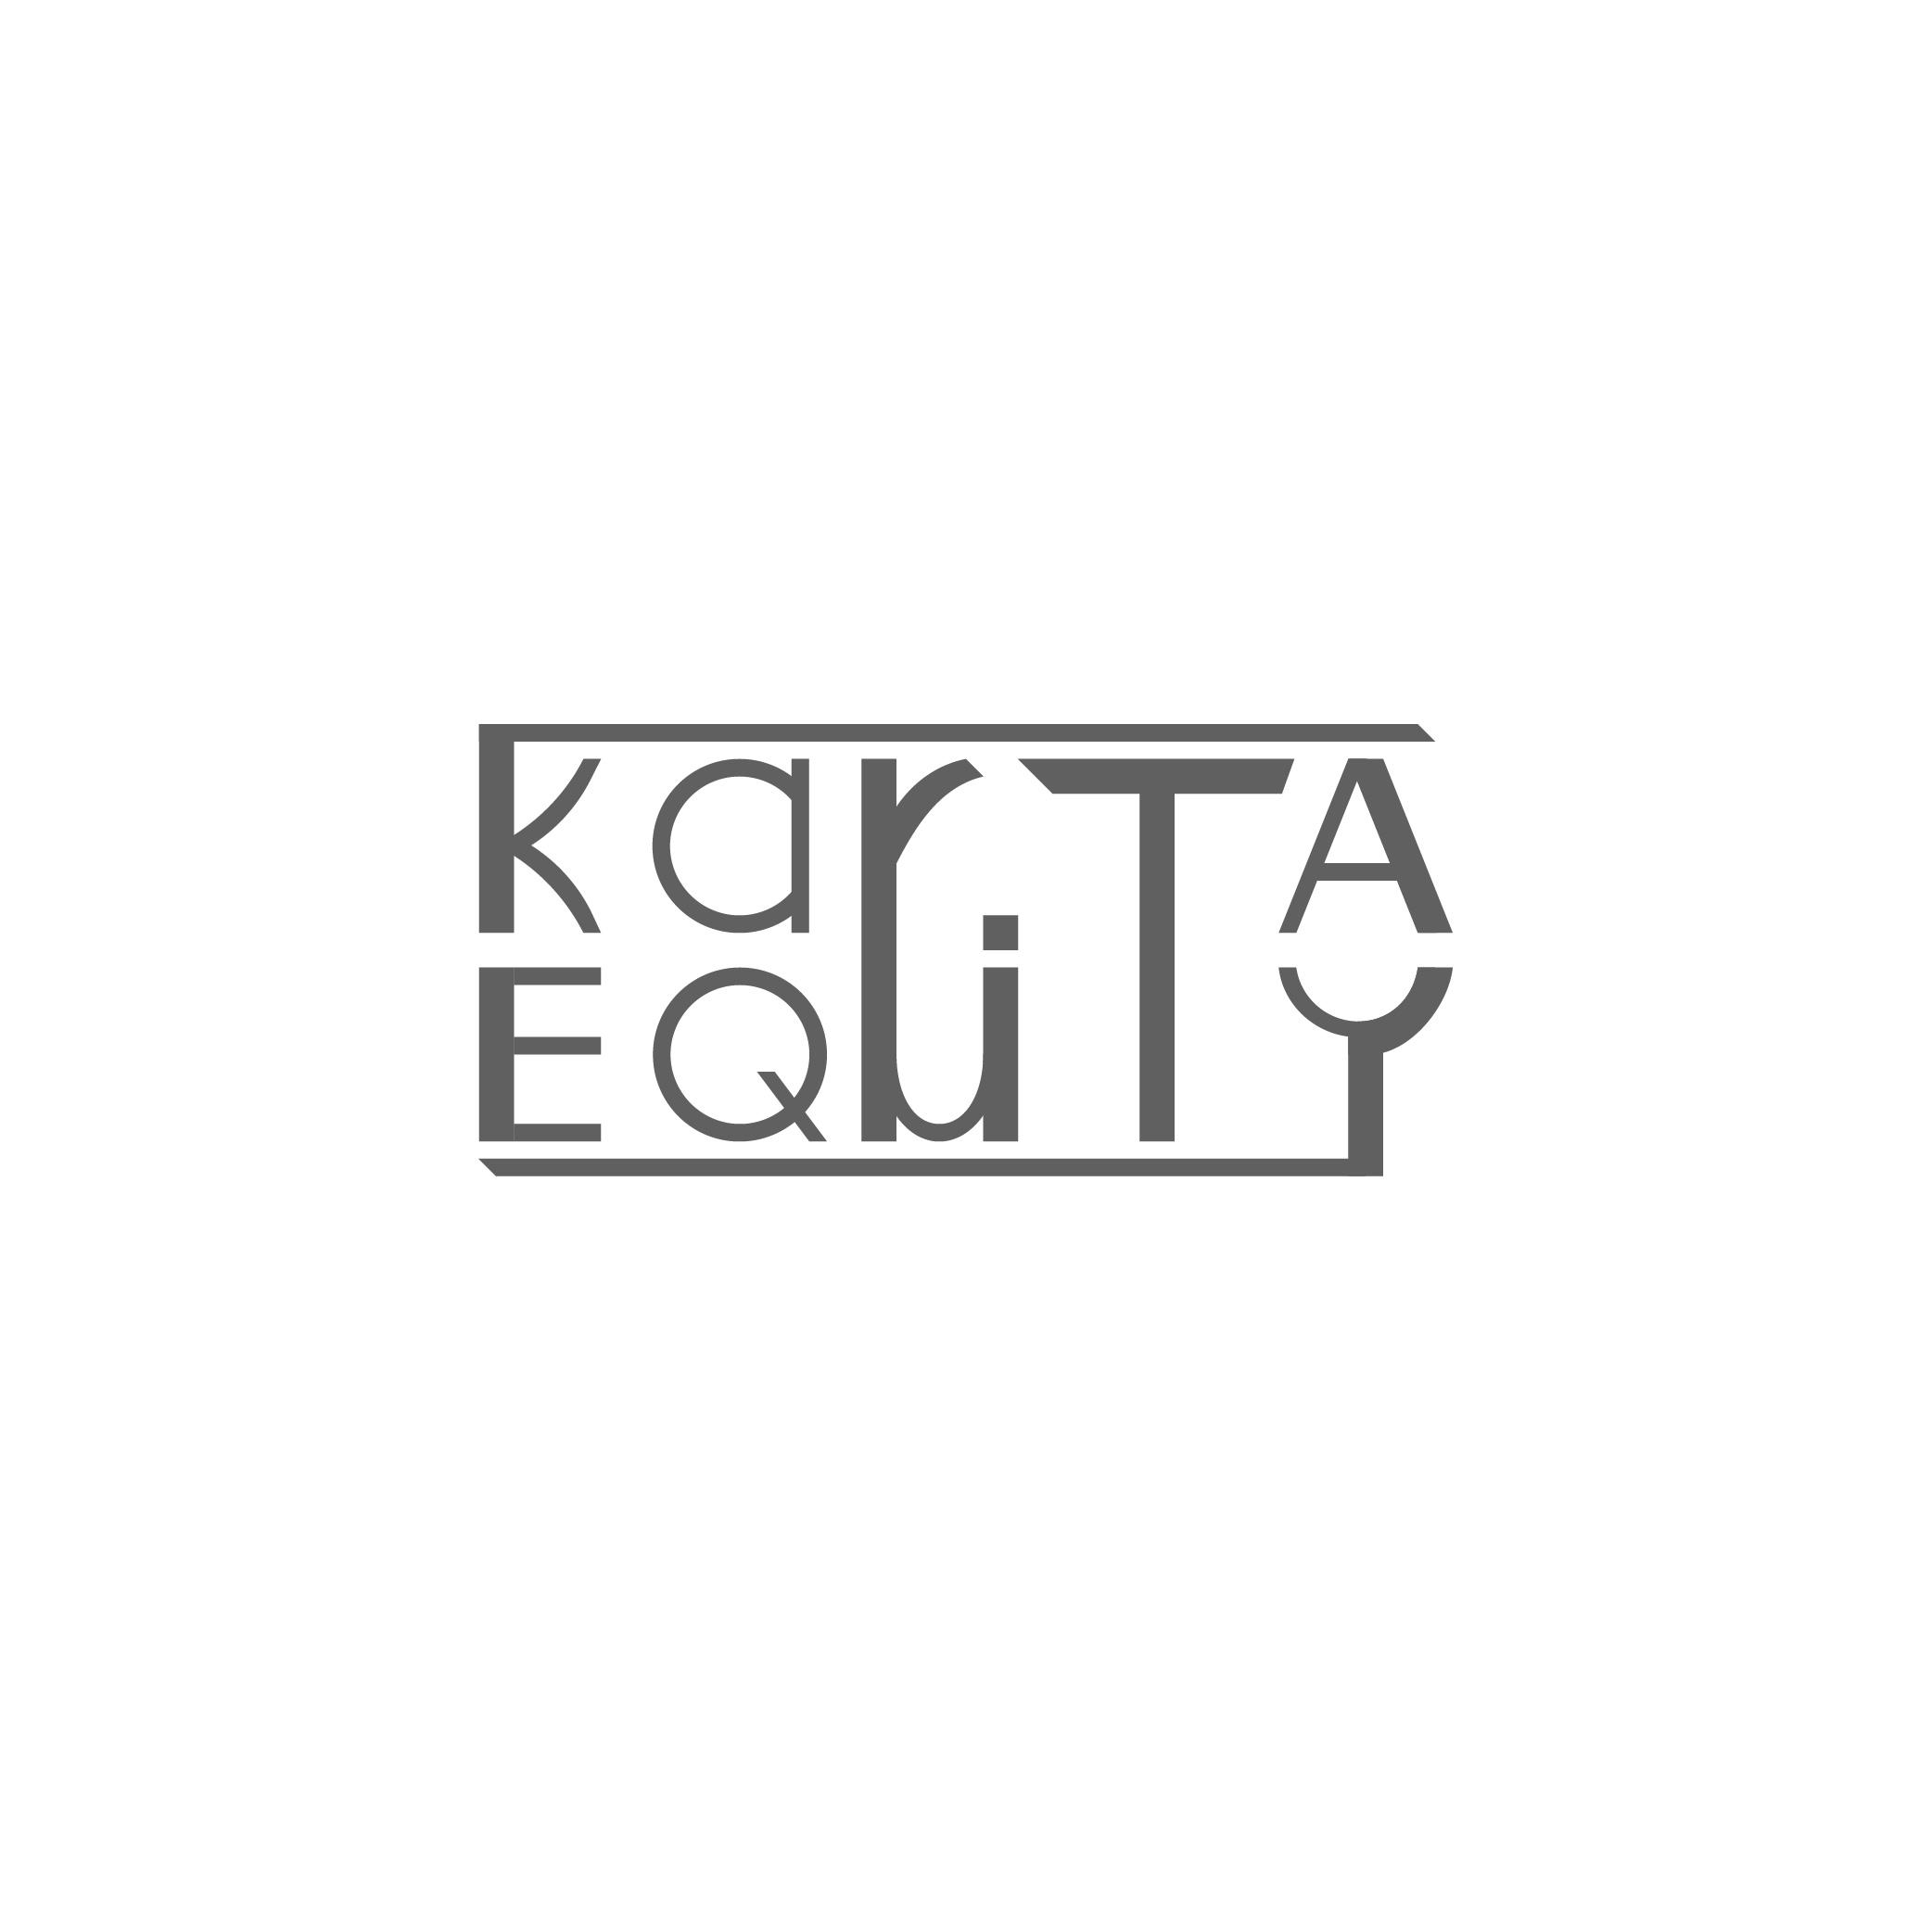 Логотип для компании инвестироваюшей в жилую недвижимость фото f_9175e0f4f62b985c.jpg